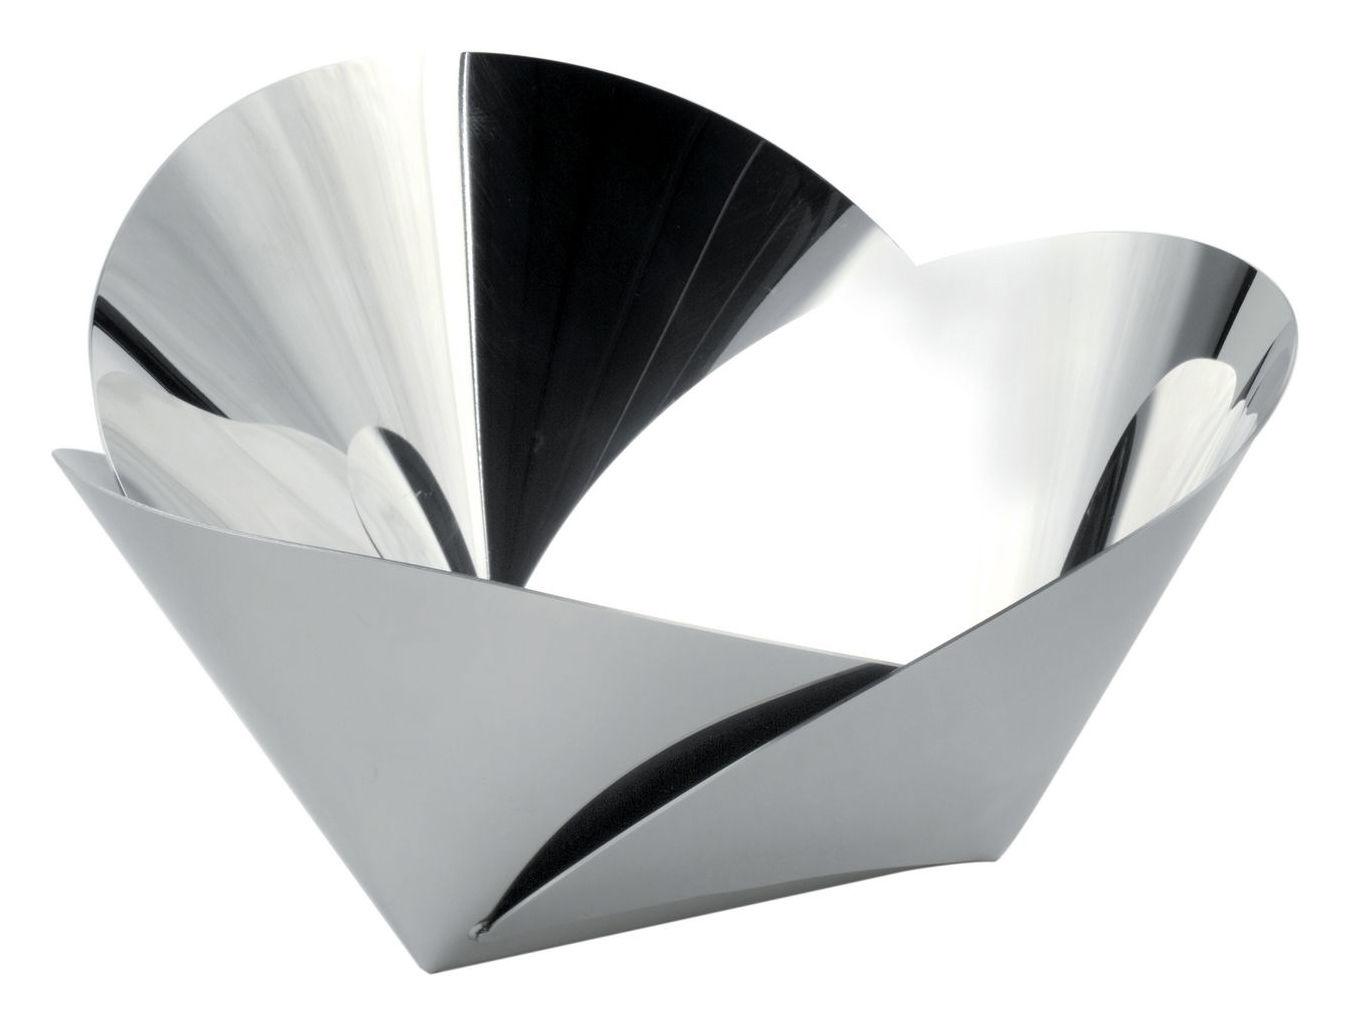 Tischkultur - Körbe, Fruchtkörbe und Tischgestecke - Harmonic Korb - Alessi - Stahl poliert - rostfreier Stahl